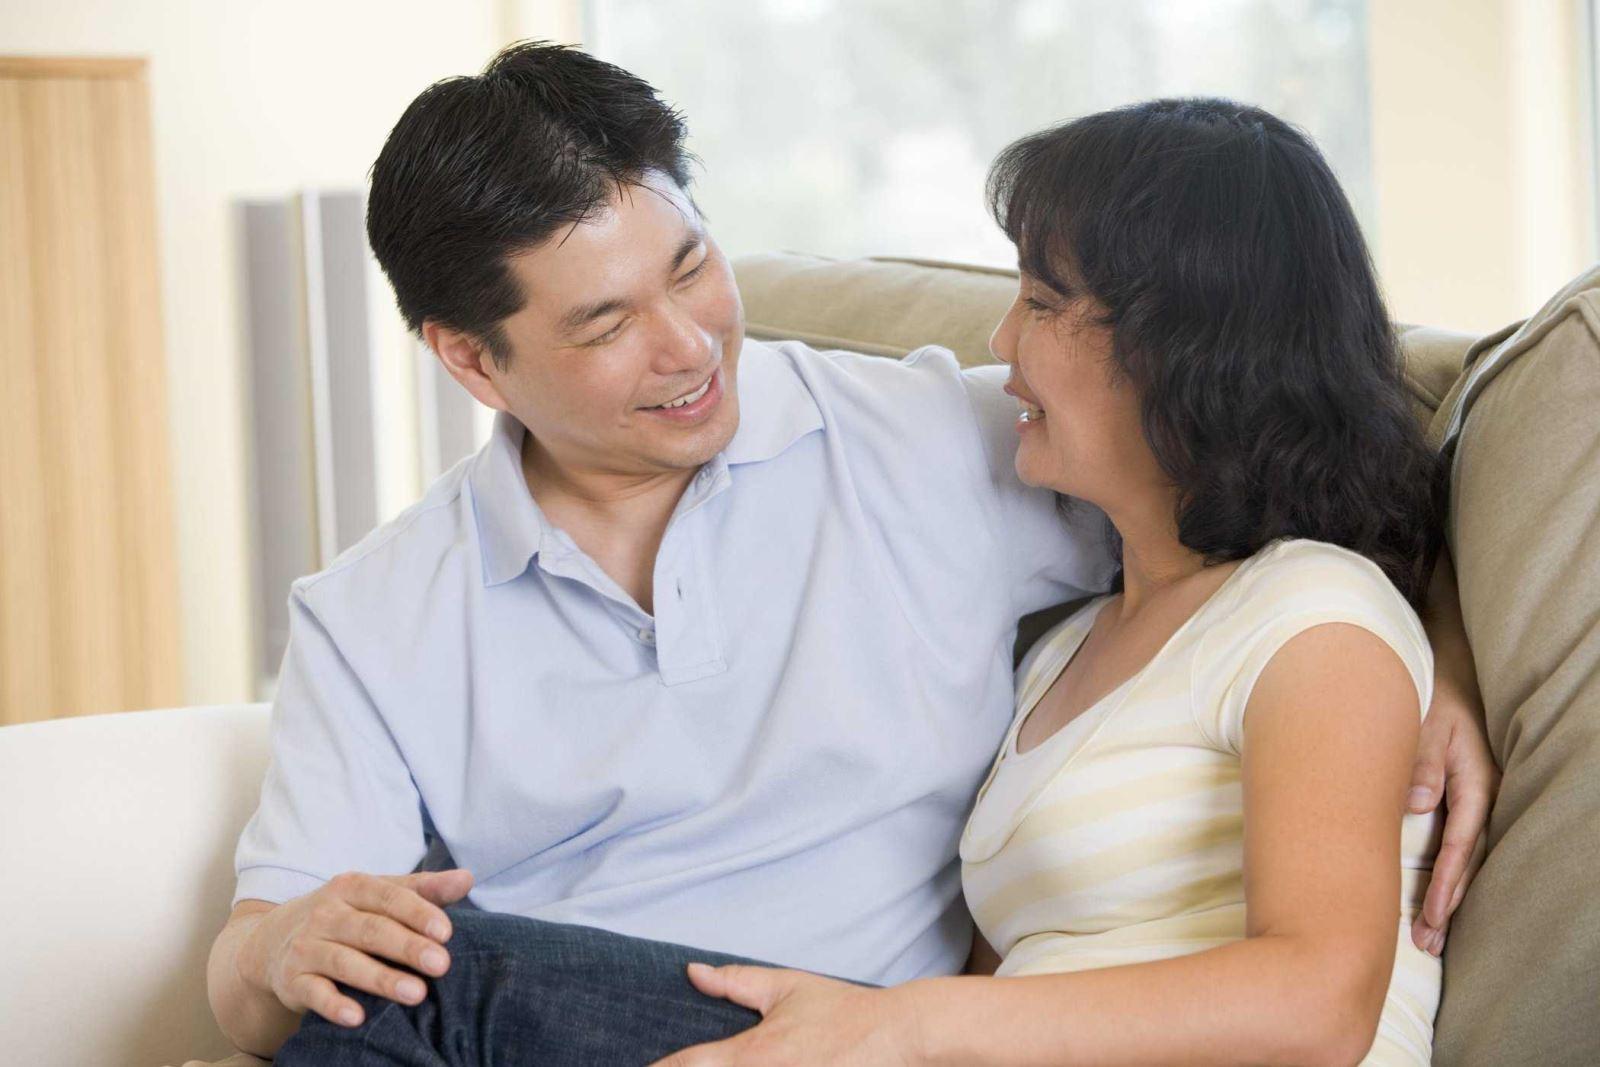 Đàn ông mà không có 5 khí chất này, gia đình nghèo không ngóc đầu lên được, hôn nhân sớm ngày tan vỡ - Ảnh 3